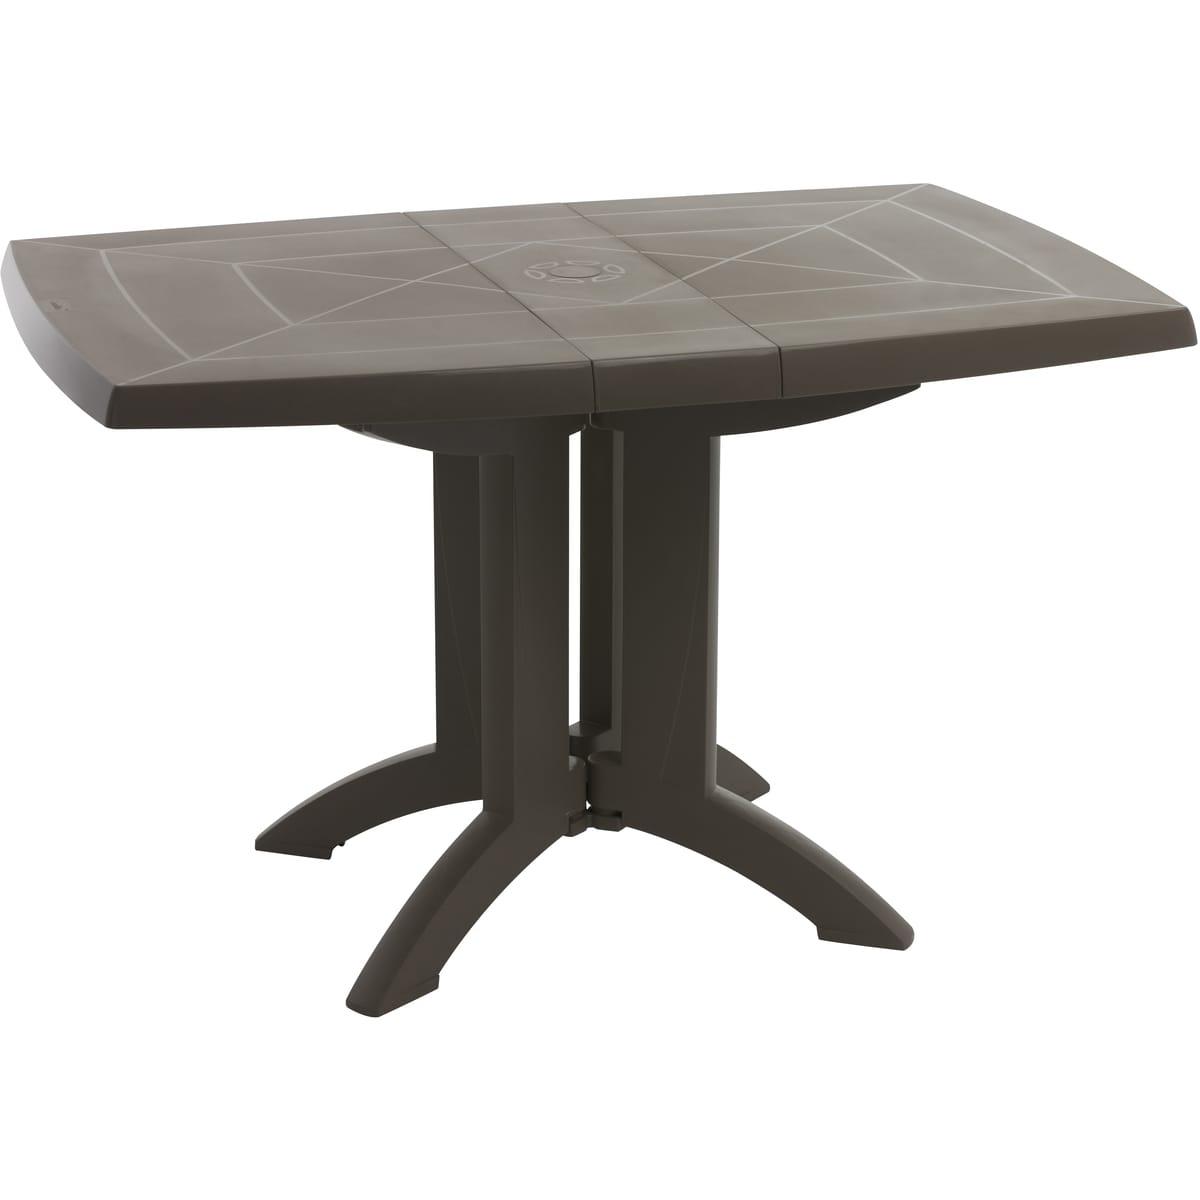 Grosfillex Table De Jardin Pliante 118X77Cm Résine Taupe Vega pour Table De Jardin Auchan